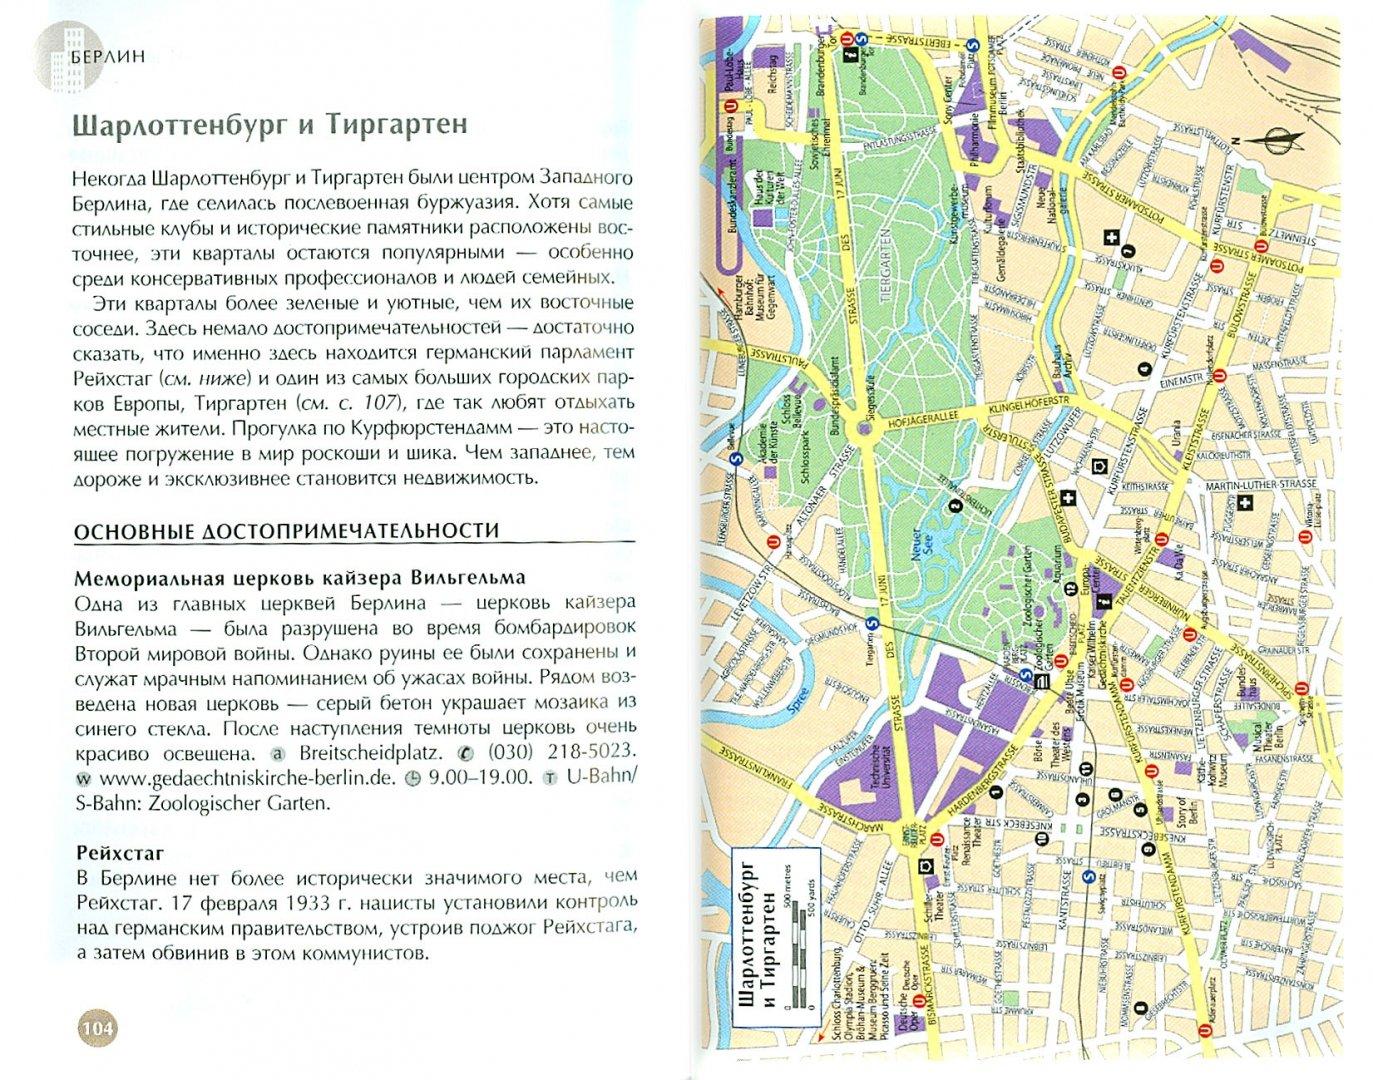 Иллюстрация 1 из 12 для Берлин. Путеводитель - Райан Левитт | Лабиринт - книги. Источник: Лабиринт